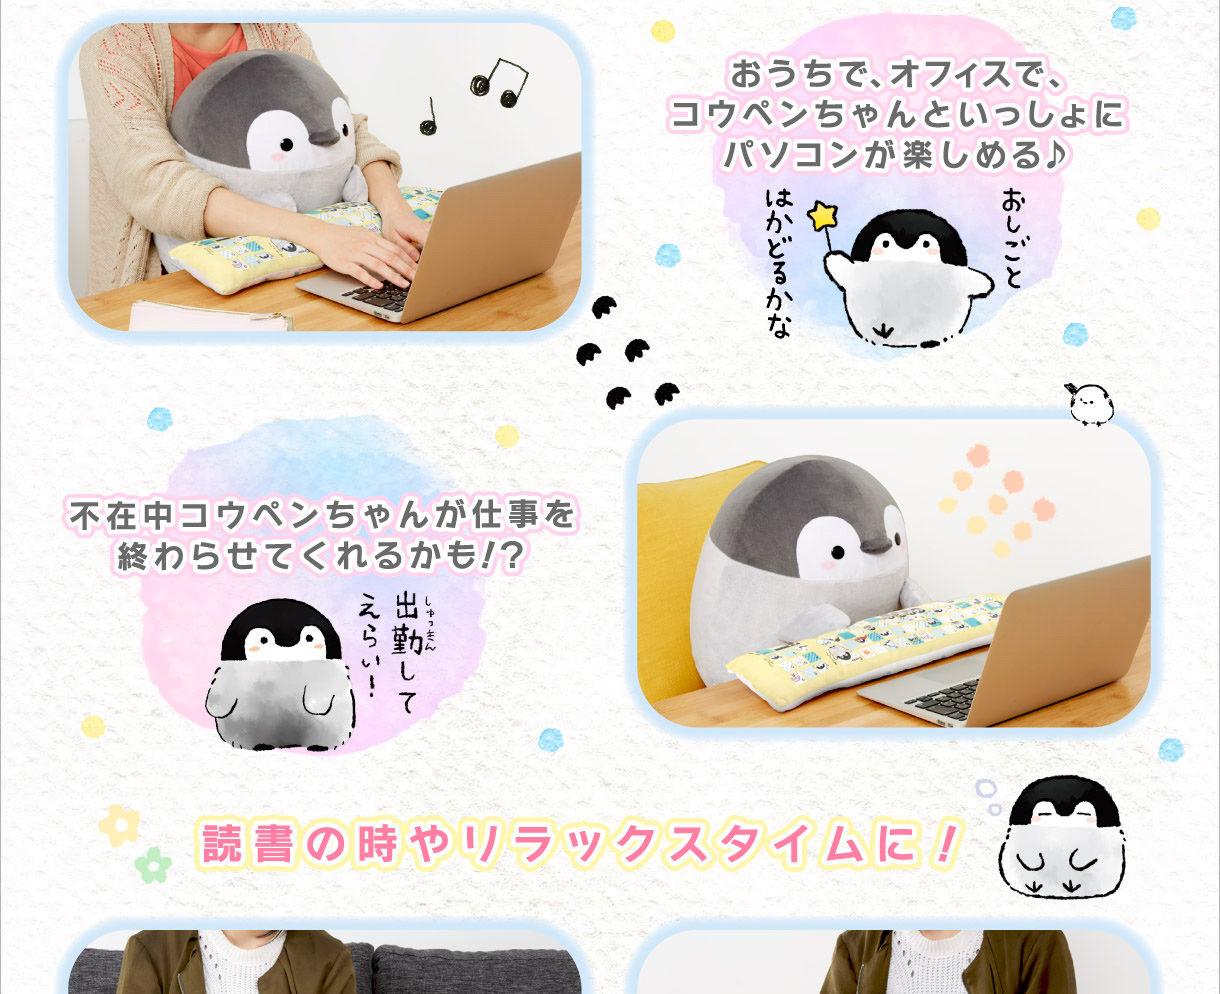 コウペンちゃん pcクッション 趣味 コレクション プレミアムバンダイ公式通販